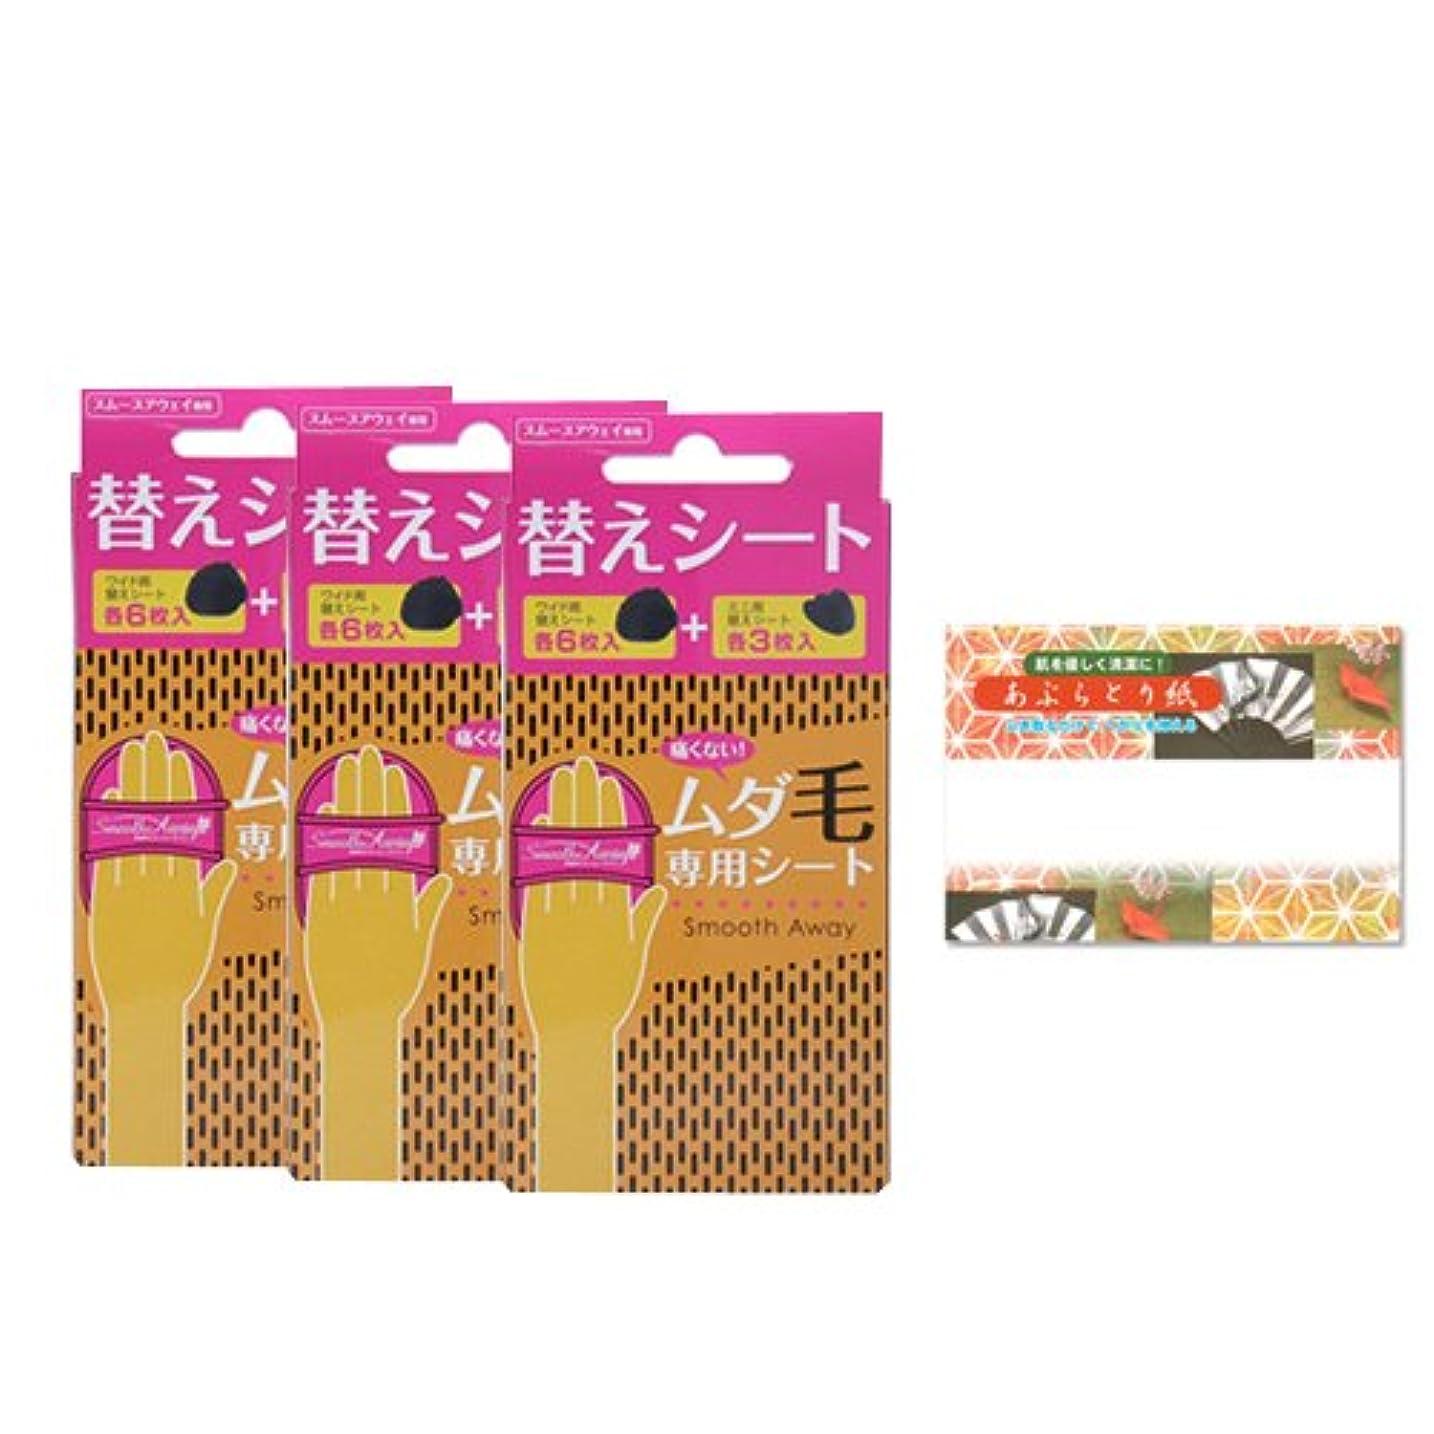 イソギンチャク仮装甘美なスムースアウェイ替えシート × 3個 + あぶらとり紙(10枚入)セット